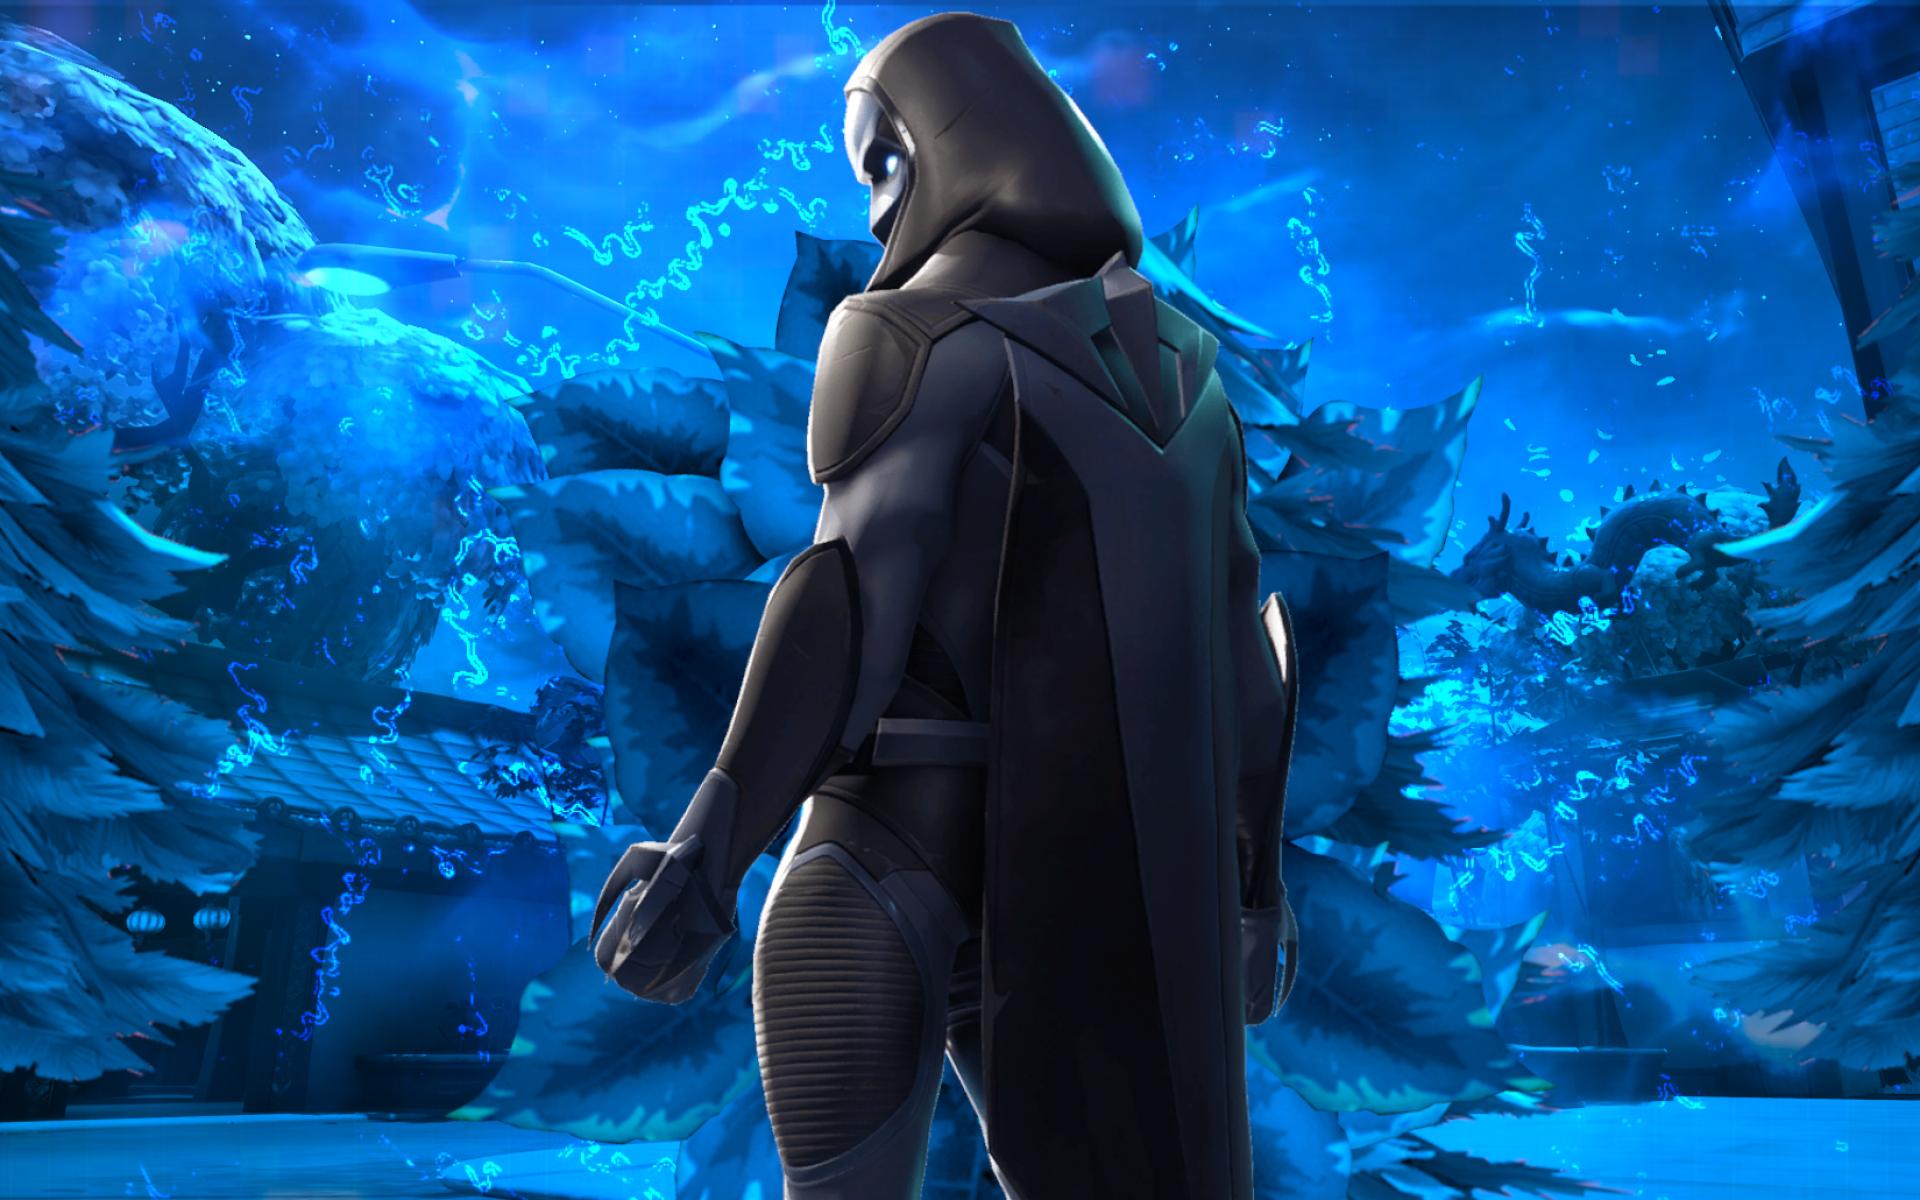 Omen, Fortnite Battle Royale, 2018 Games, Fortnite, - Fortnite Wallpaper 4k Omen , HD Wallpaper & Backgrounds